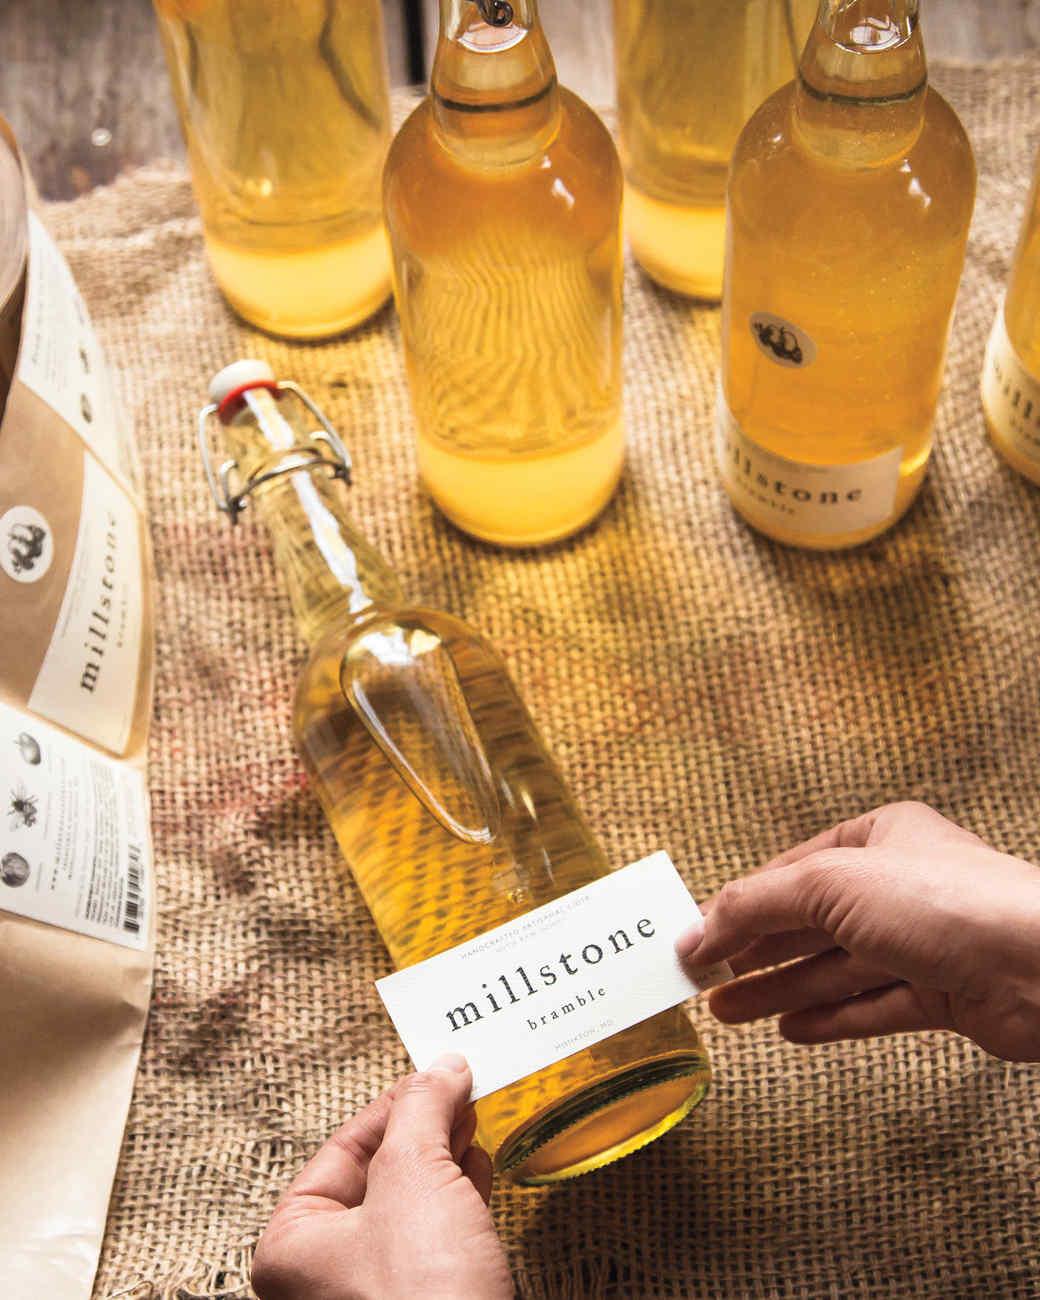 millstone-cider-labelling-bottles-259-d111700.jpg